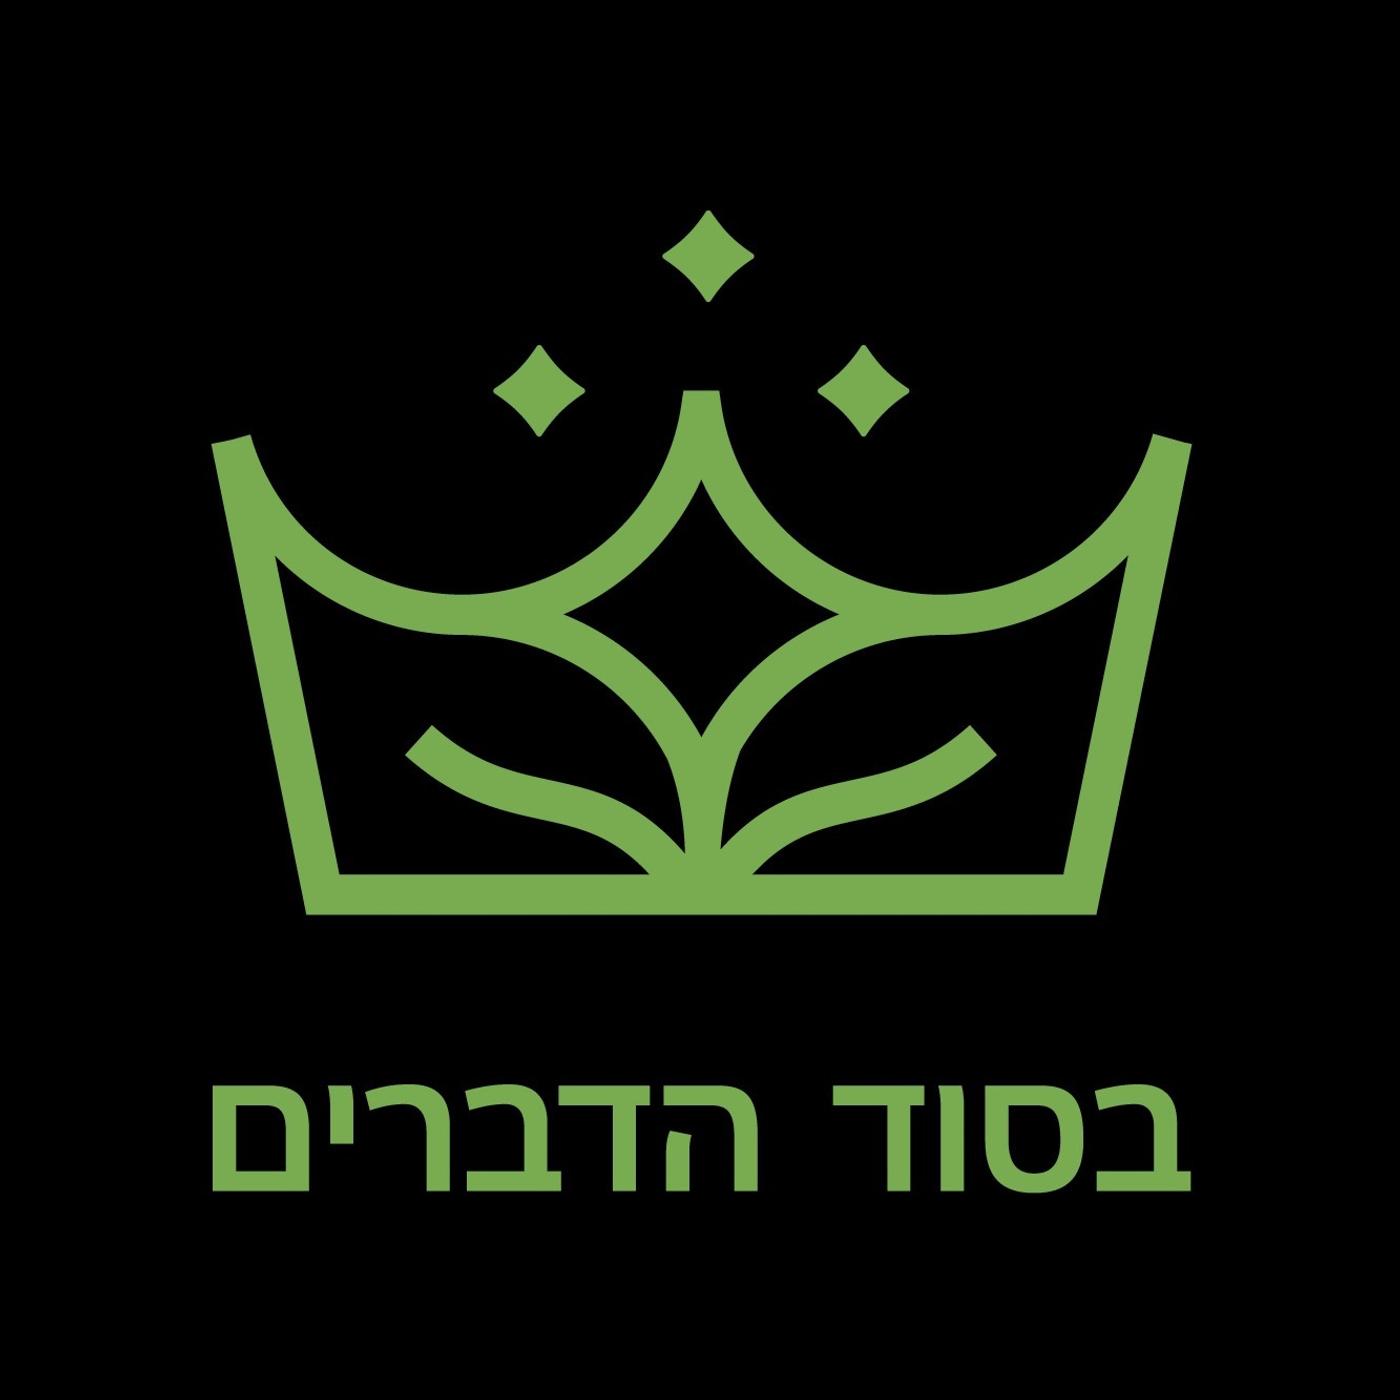 הרב יובל הכהן אשרוב התארח  לשיחה מעניינת בנושא:ביקורת מההורים